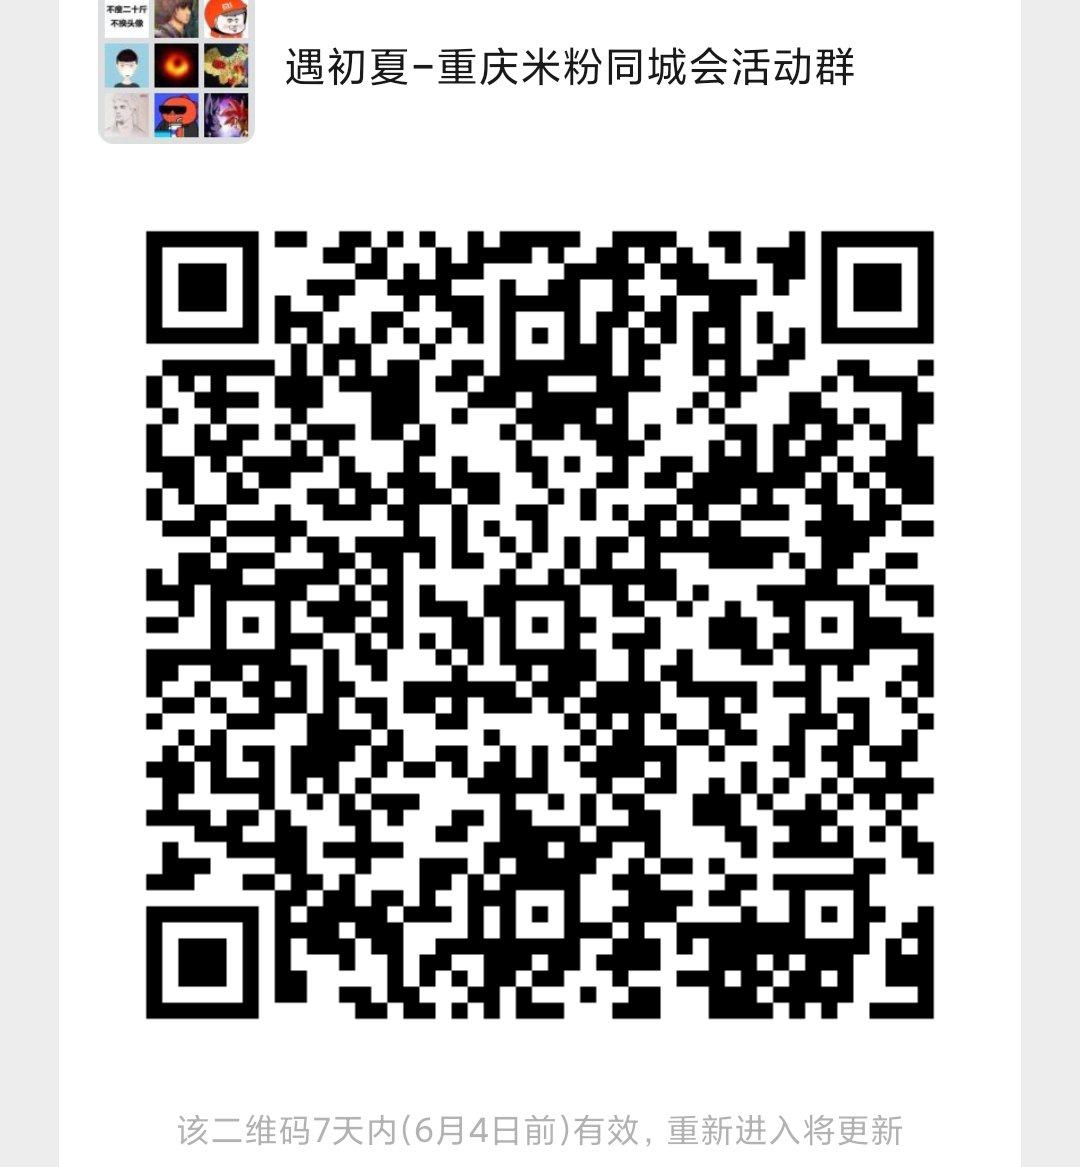 重庆米粉同城活动报名连接